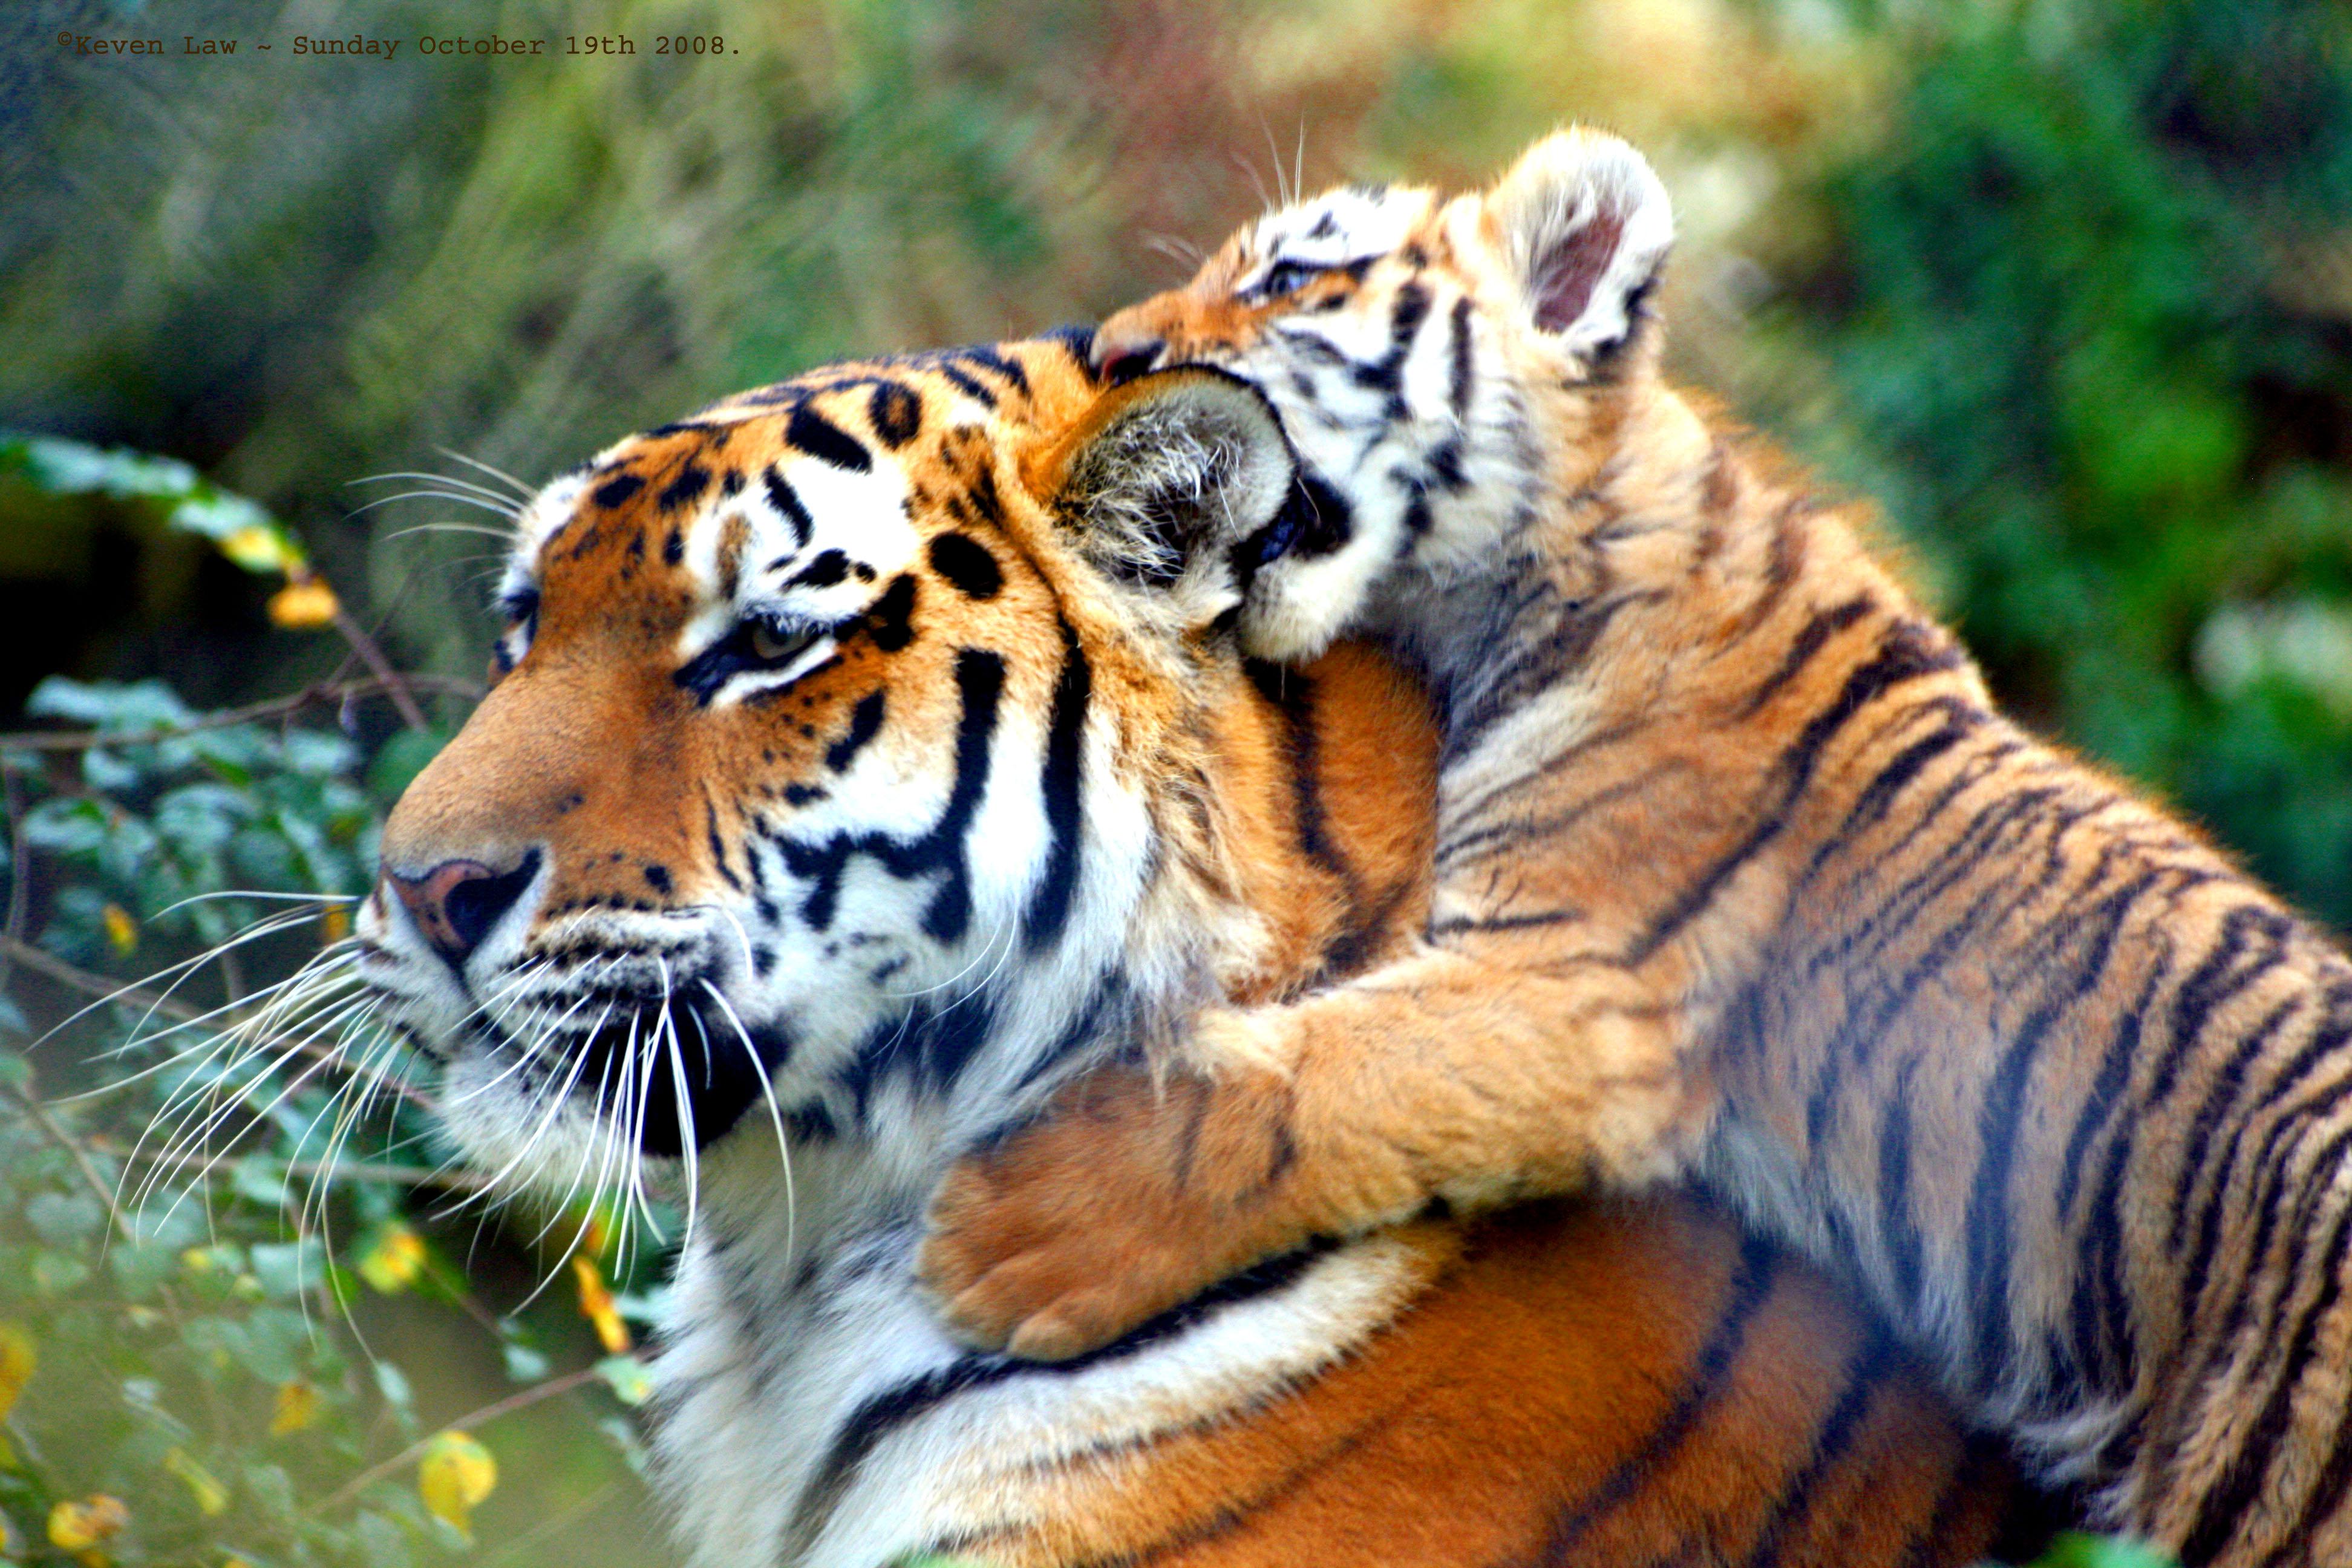 Natural Tiger Images